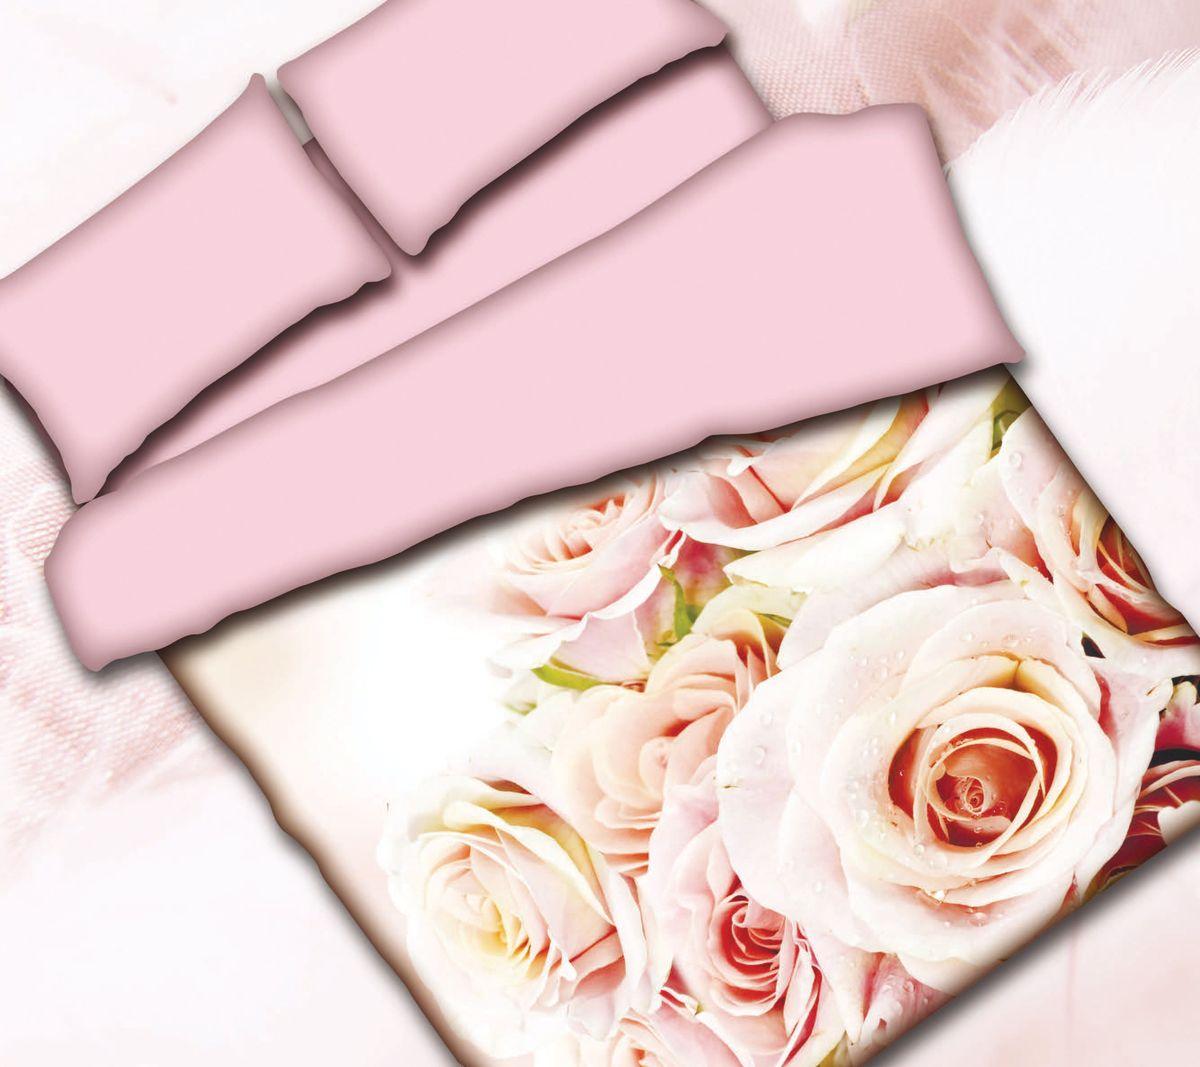 Комплект белья Коллекция Розы, 1,5-спальный, наволочки 50x70. СРП1,5/50/ОЗ/розыСРП1,5/50/ОЗ/розыКомплект постельного белья Коллекция прекрасно украсит любой интерьер. Выполнен из сатина. Сатин - это гладкая и прочная ткань, которая своим блеском, легкостью и гладкостью очень похожа на шелк. Ткань практически не мнется, поэтому его можно не гладить. Он практичен, так как хорошо переносит множественные стирки. Комплект включает в себя: простыню 160 х 224 см, пододеяльник 150 х 210 см,2 наволочки 50 х 70 см.